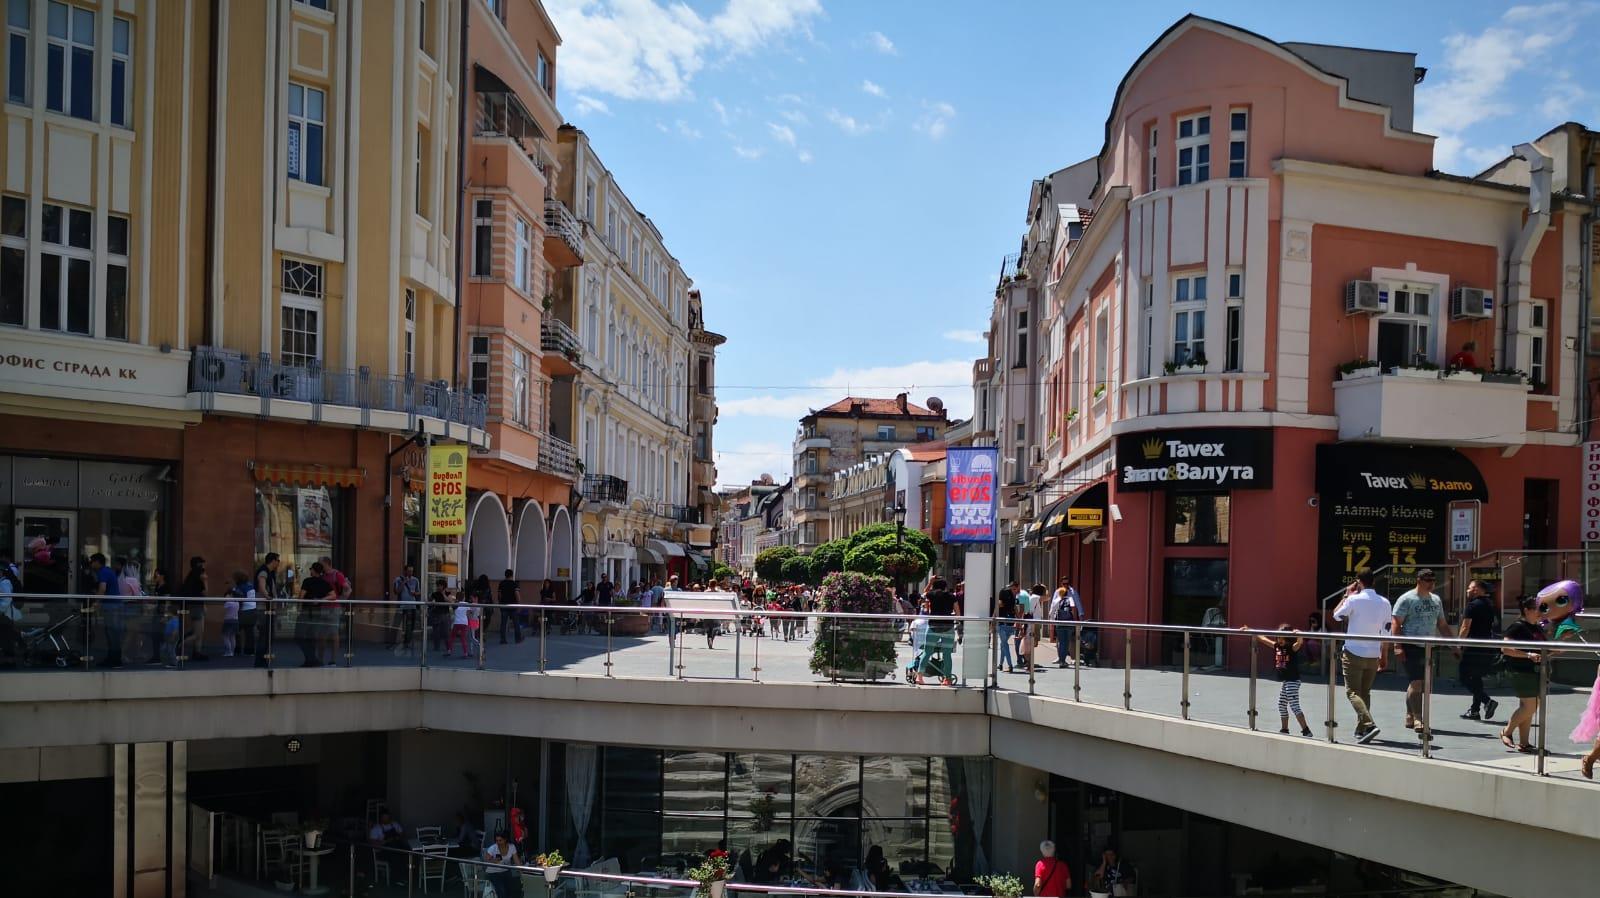 מדרחוב בעיר פלובדיב בולגריה. דוד רוזנטל